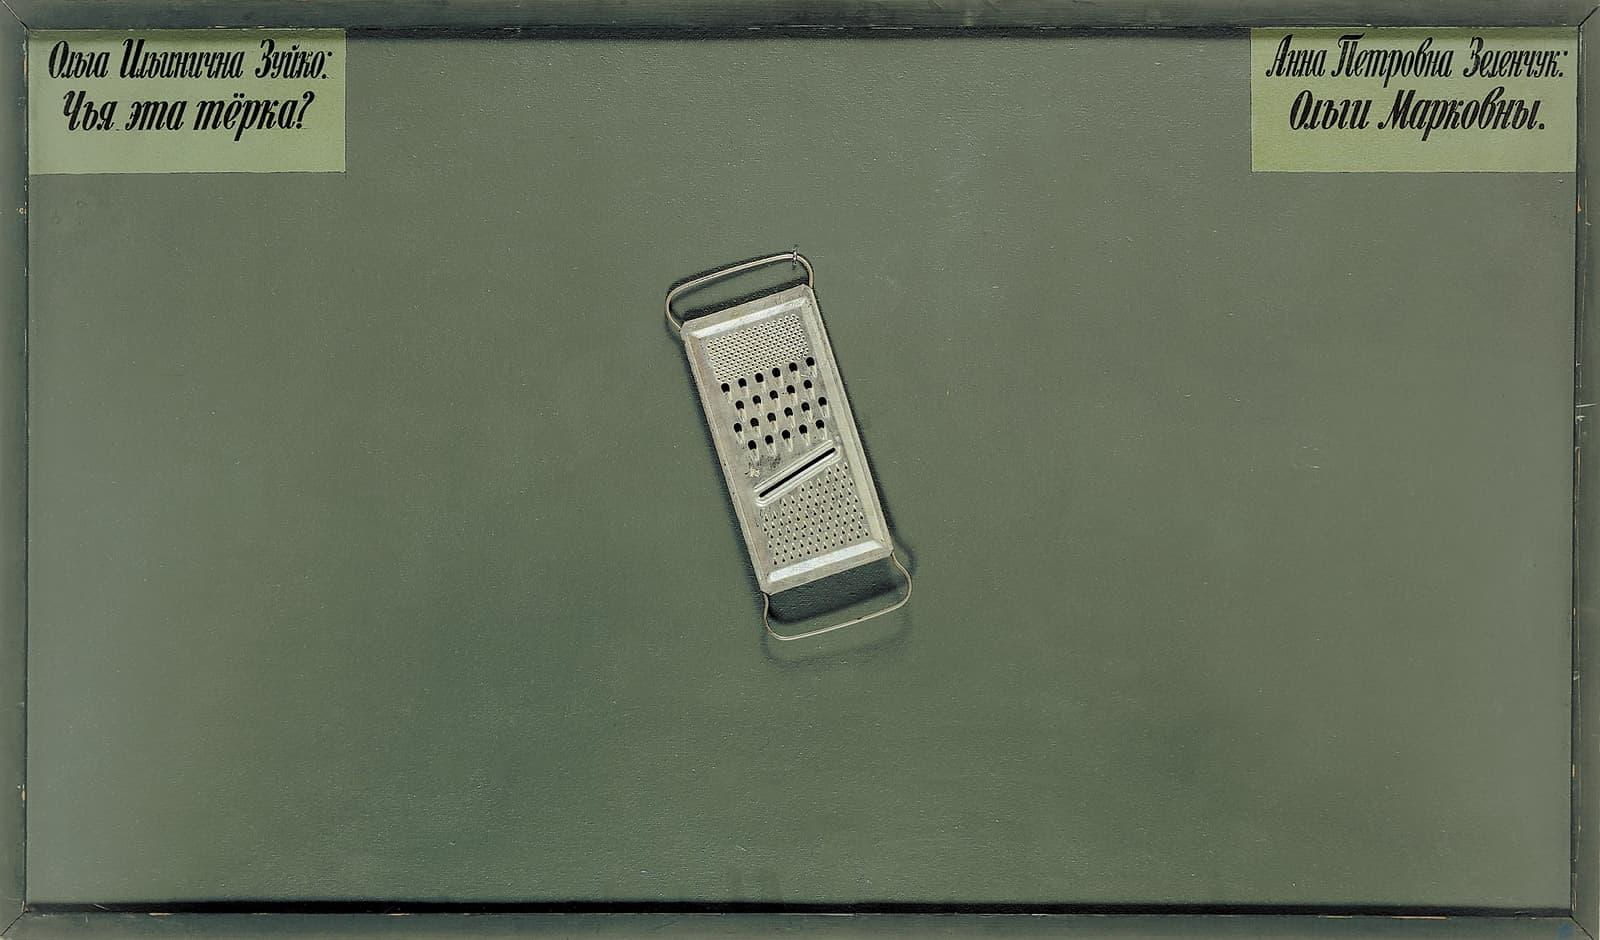 художник Илья КАБАКОВ (1933) / «Ольга Ильинична Зуйко: Чья эта тёрка?